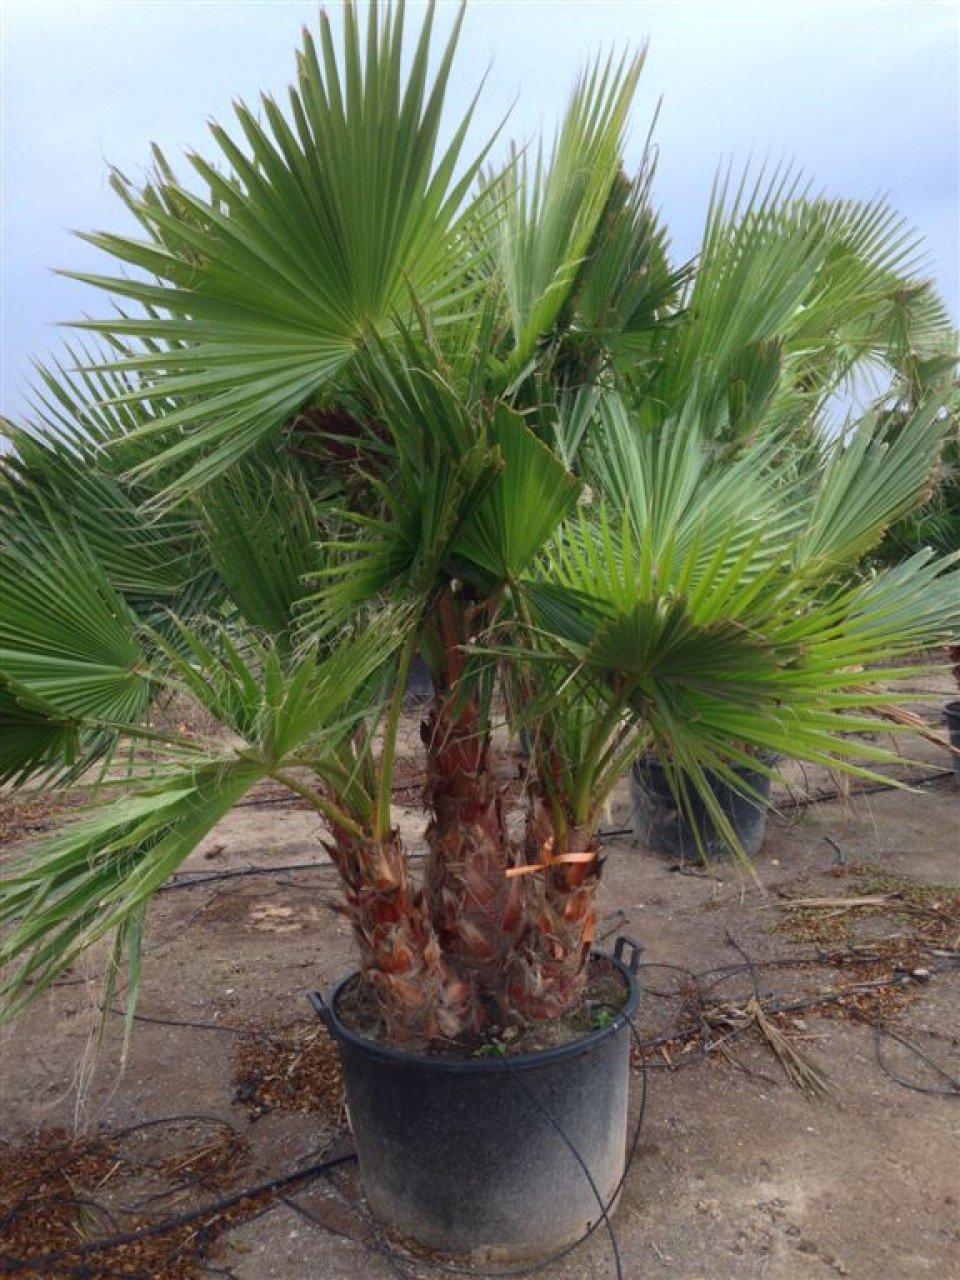 Riesige Washingtonia robusta mit 2-3 Stämmen. Zimmerpalme Gartenpalme 180-200 cm. Eine der schnellwachsendsten Palmen der Welt